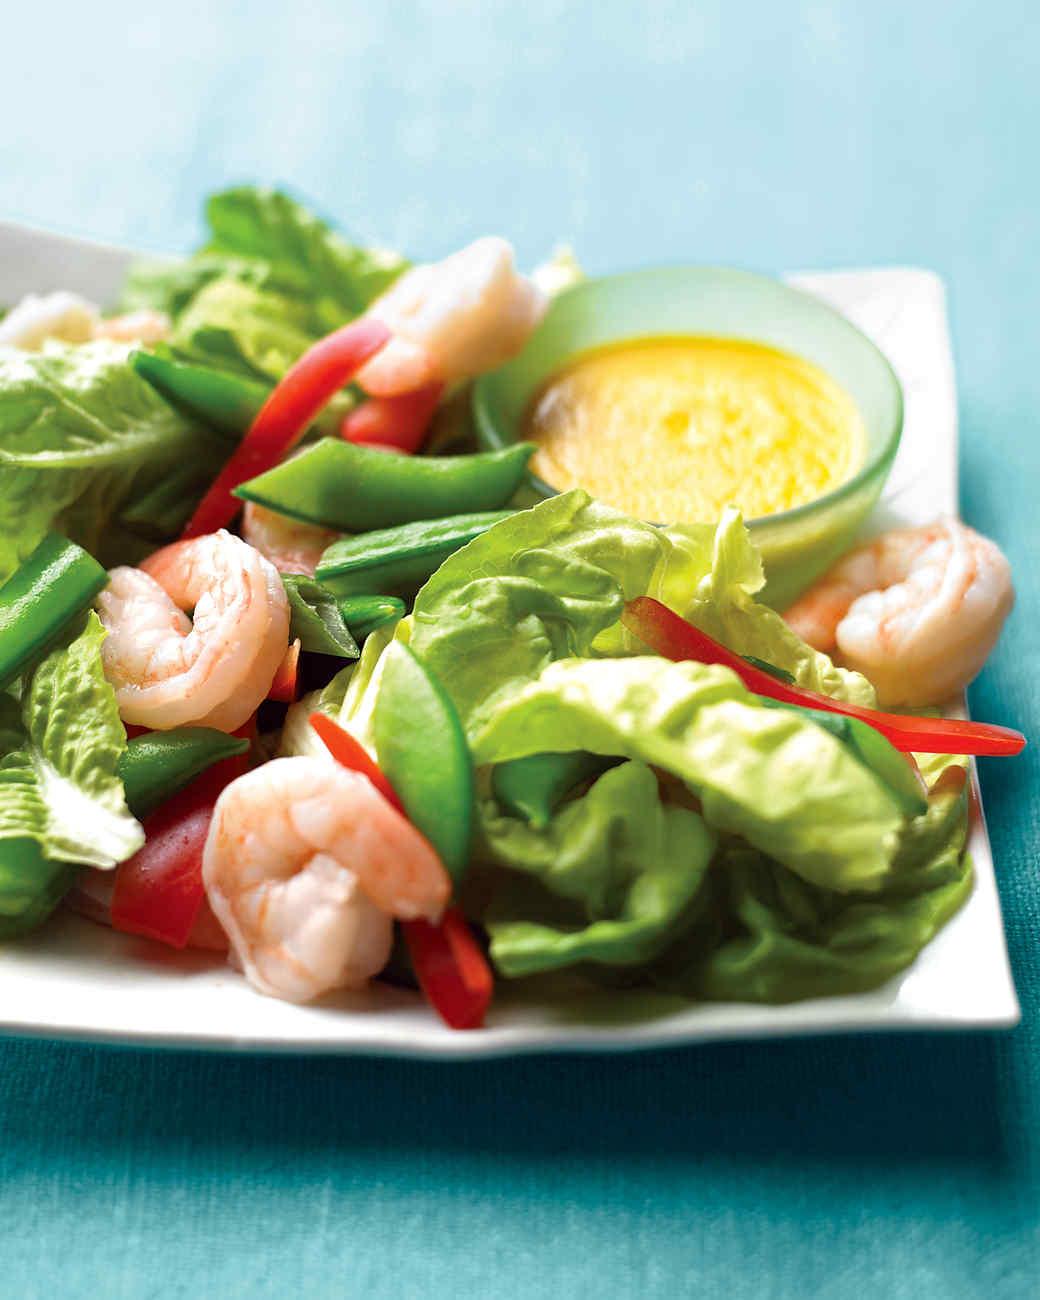 med103746_0508_shrimp.jpg